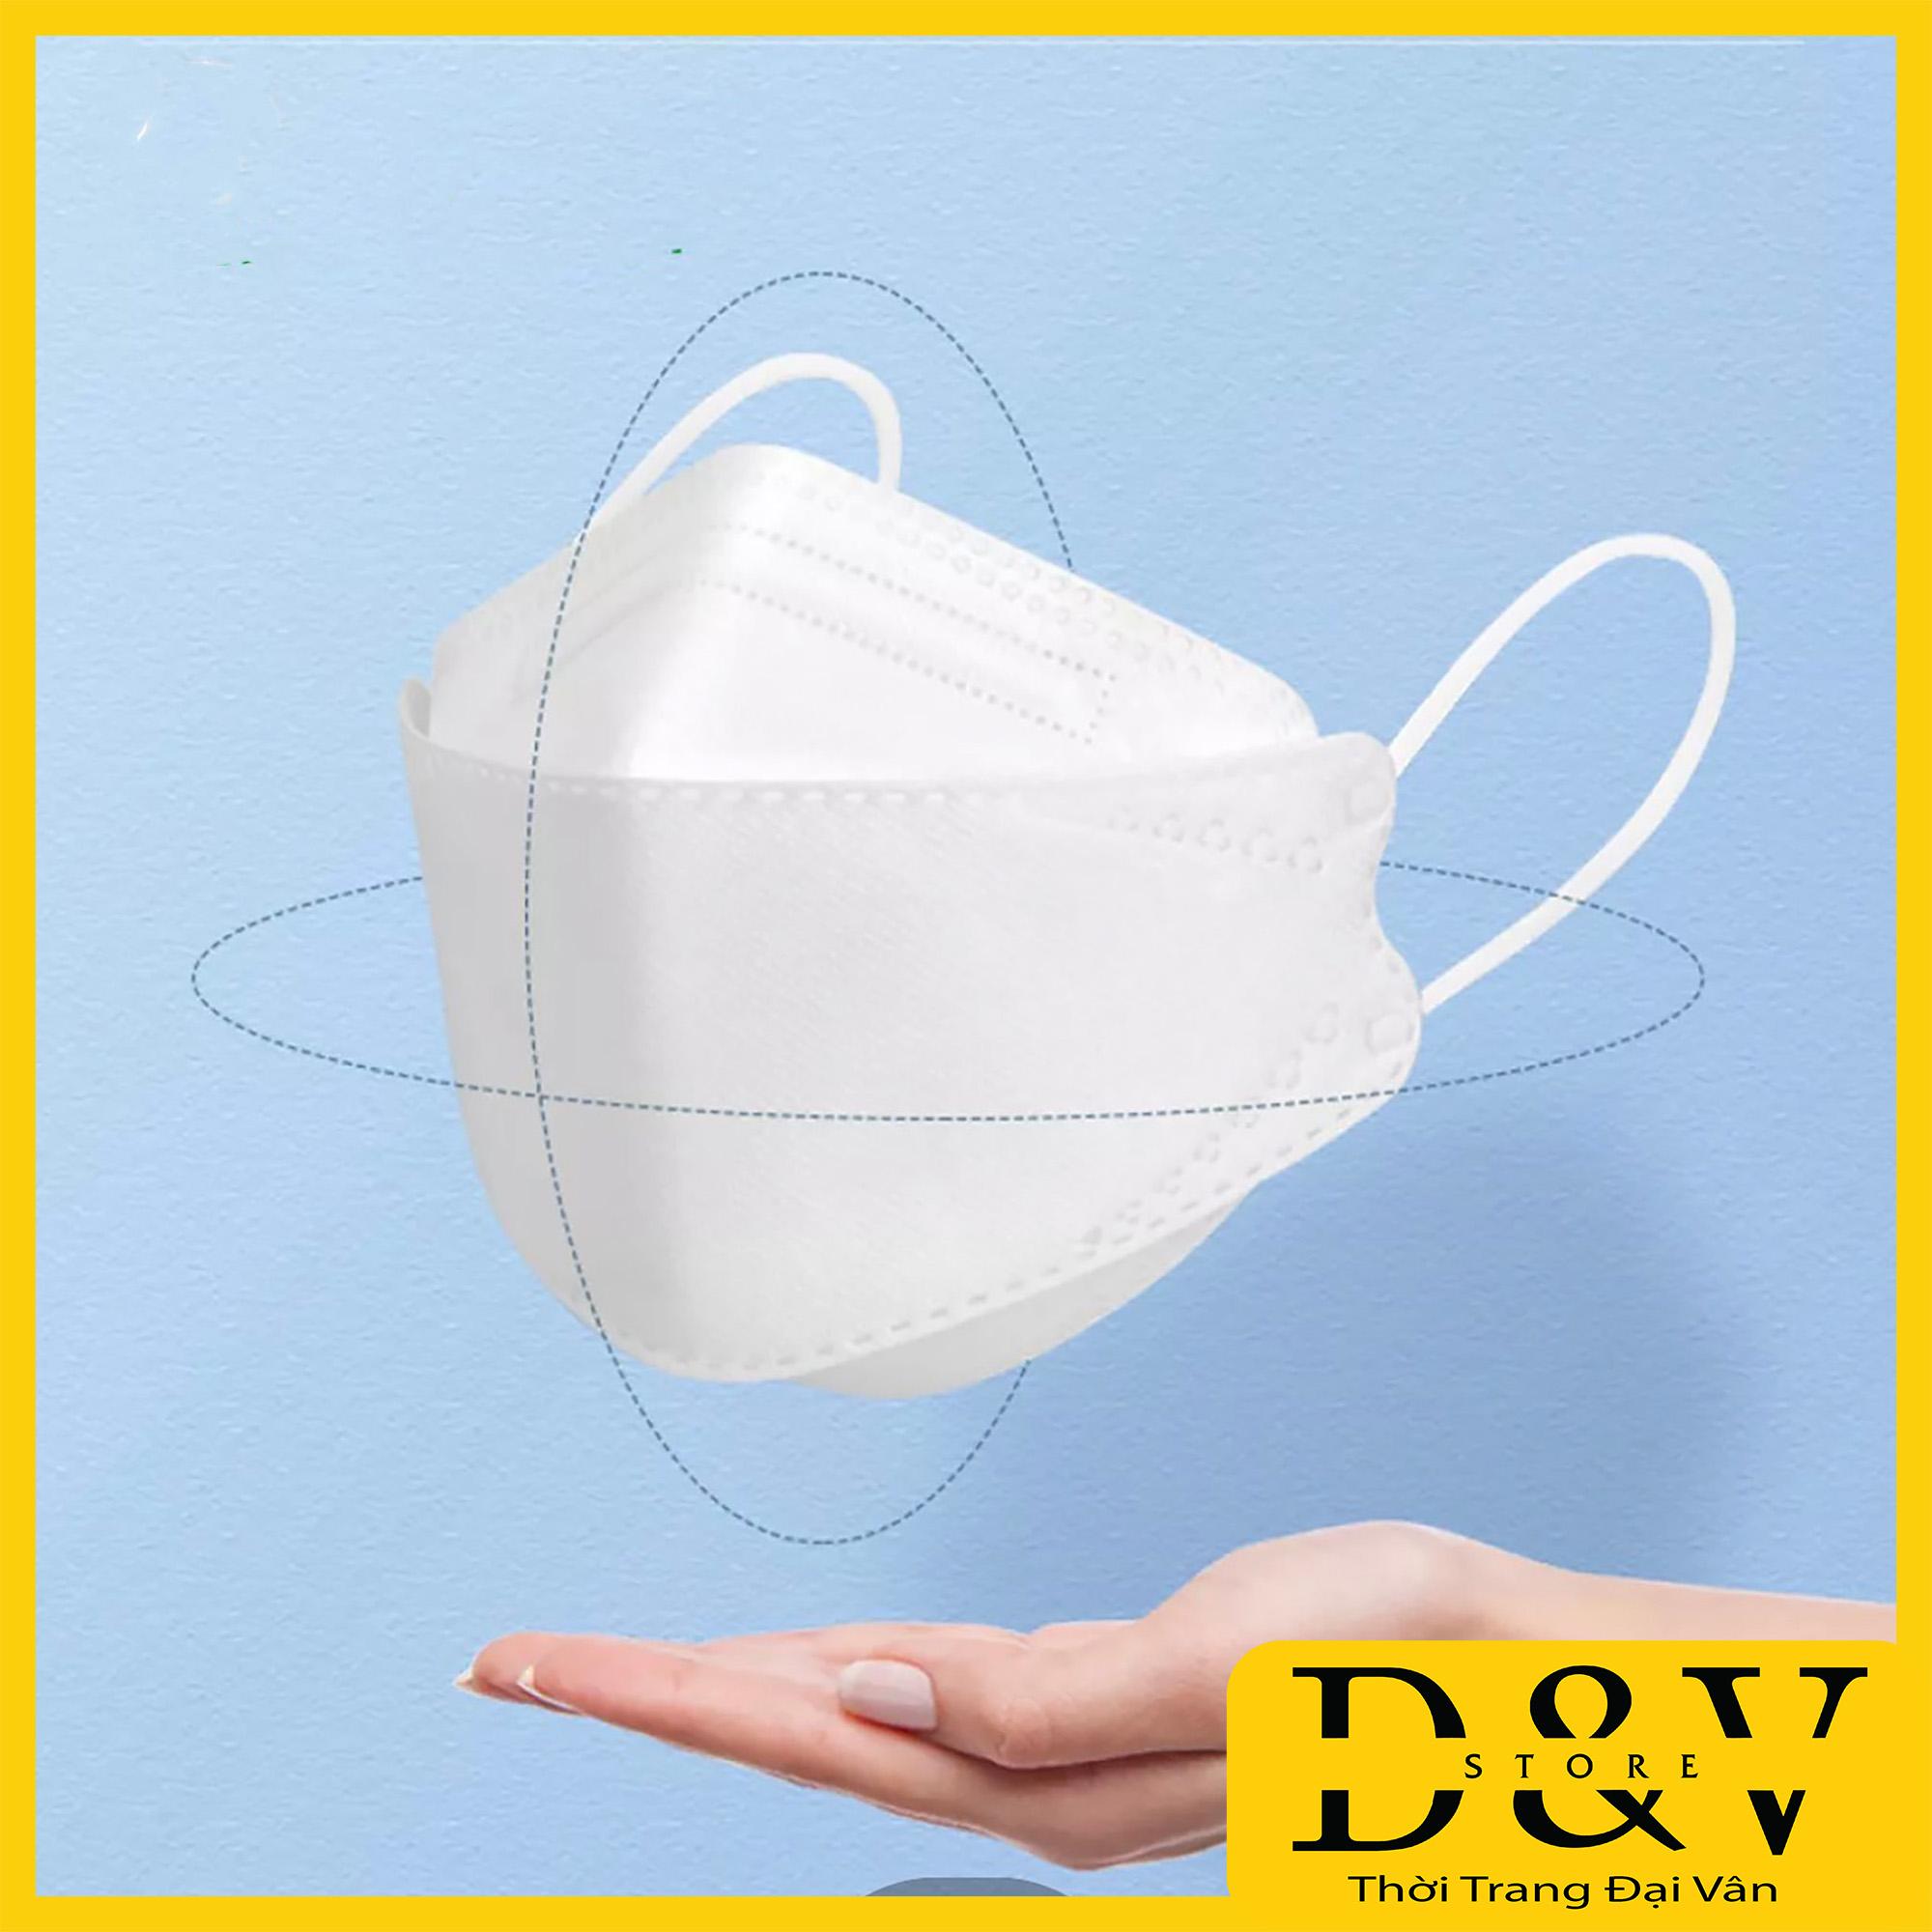 [1 gói 5 chiếc] Khẩu trang y tế 4D Mask KF94 Màu Trắng kiểu Hàn Quốc  4 lớp kháng khuẩn, kháng bụi mịn lên đến 95%, đạt tiêu chuẩn ISO khẩu trang y tế, khẩu trang 3d mask, khẩu trang 3d land mask